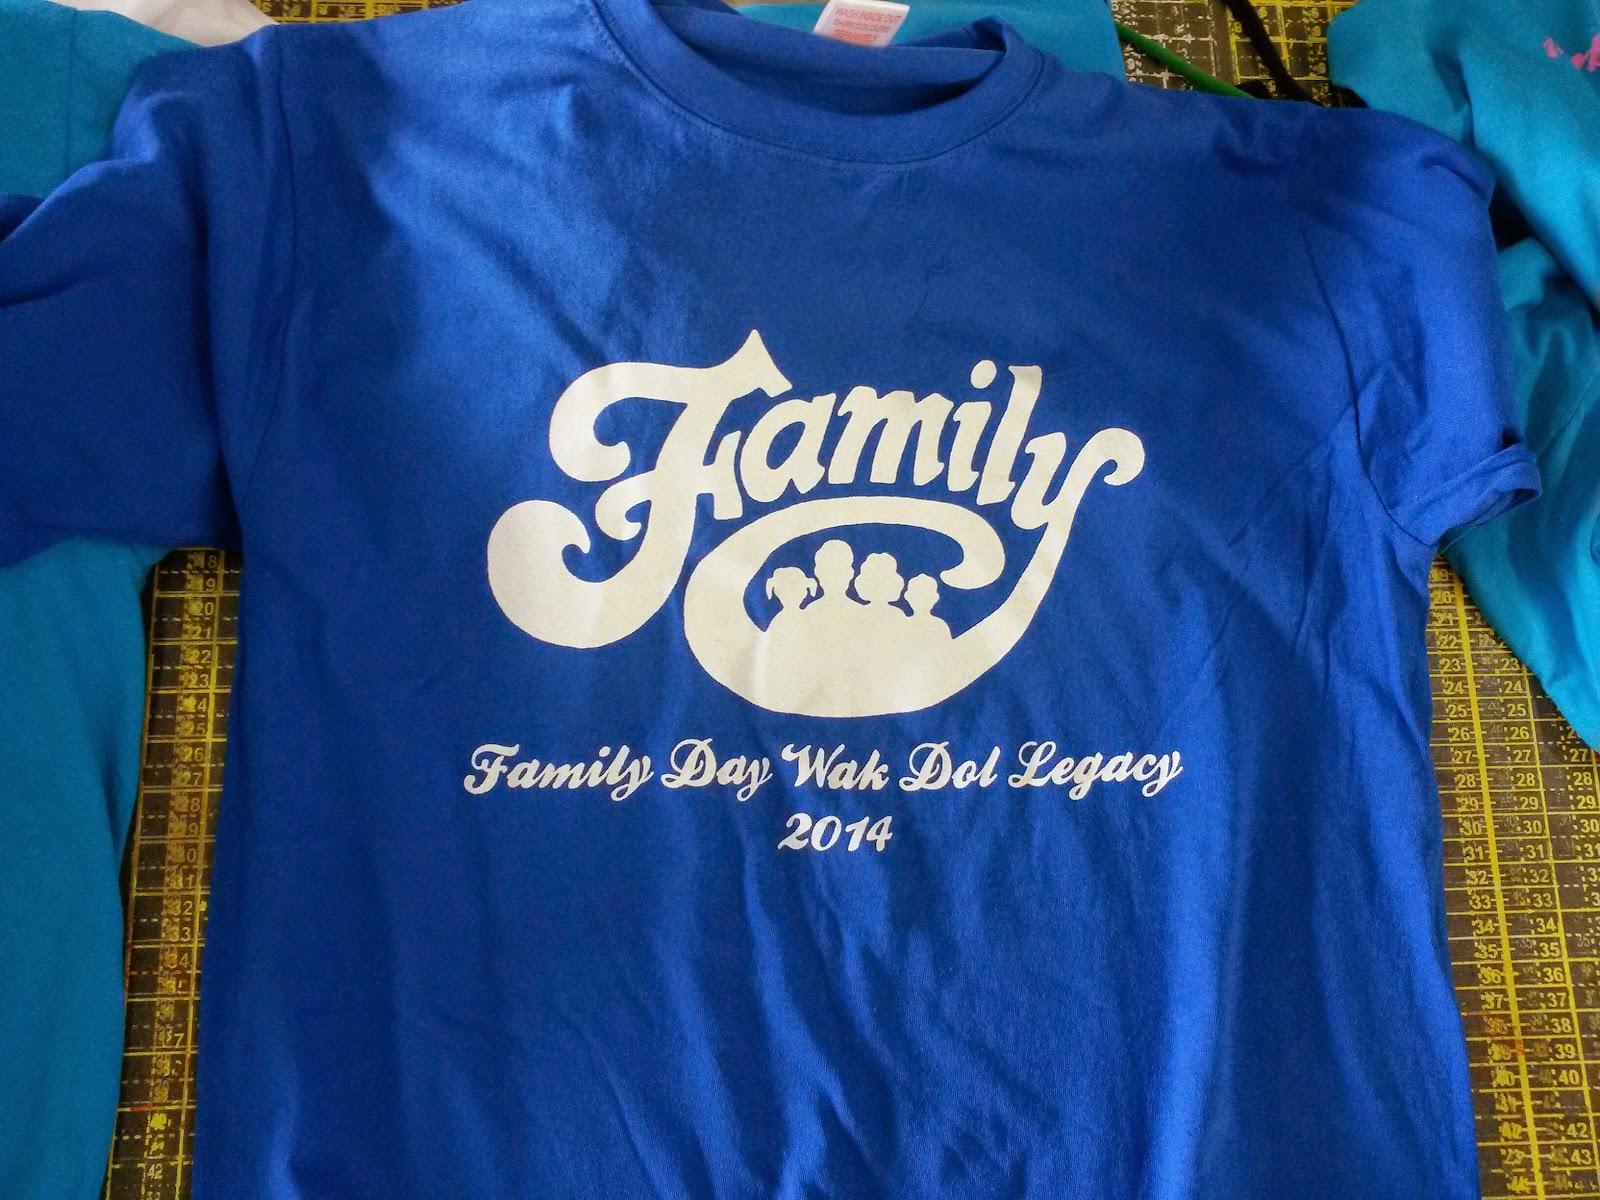 Design t shirt rewang - Tshirt Printing Sulam Silkscreen Harga Berpatutan Penghantaran Ke Seluruh Malaysia Sesuai Untuk Familyday Rewang Crew Kelab Persatuan